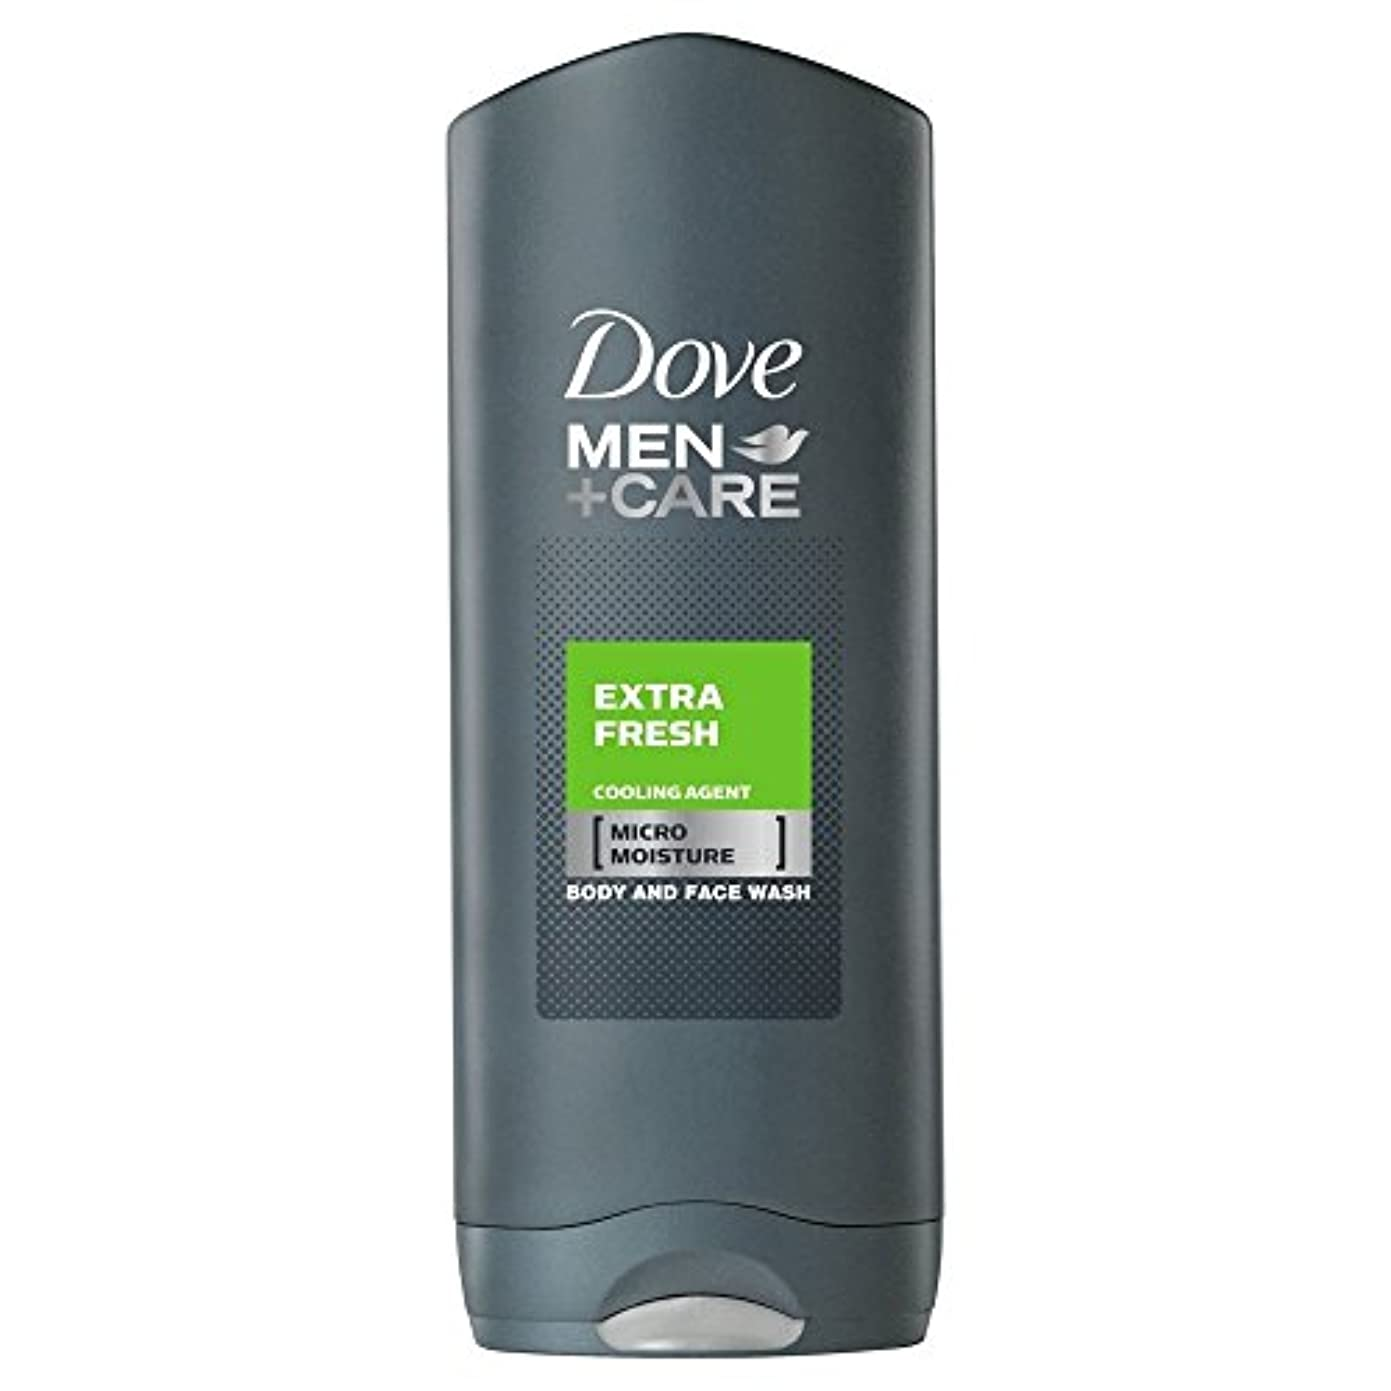 レイ告白けん引Dove Men + Care Body & Face Wash - Extra Fresh (250ml) 鳩の男性は+ボディと洗顔ケア - 余分な新鮮な( 250ミリリットル)を [並行輸入品]